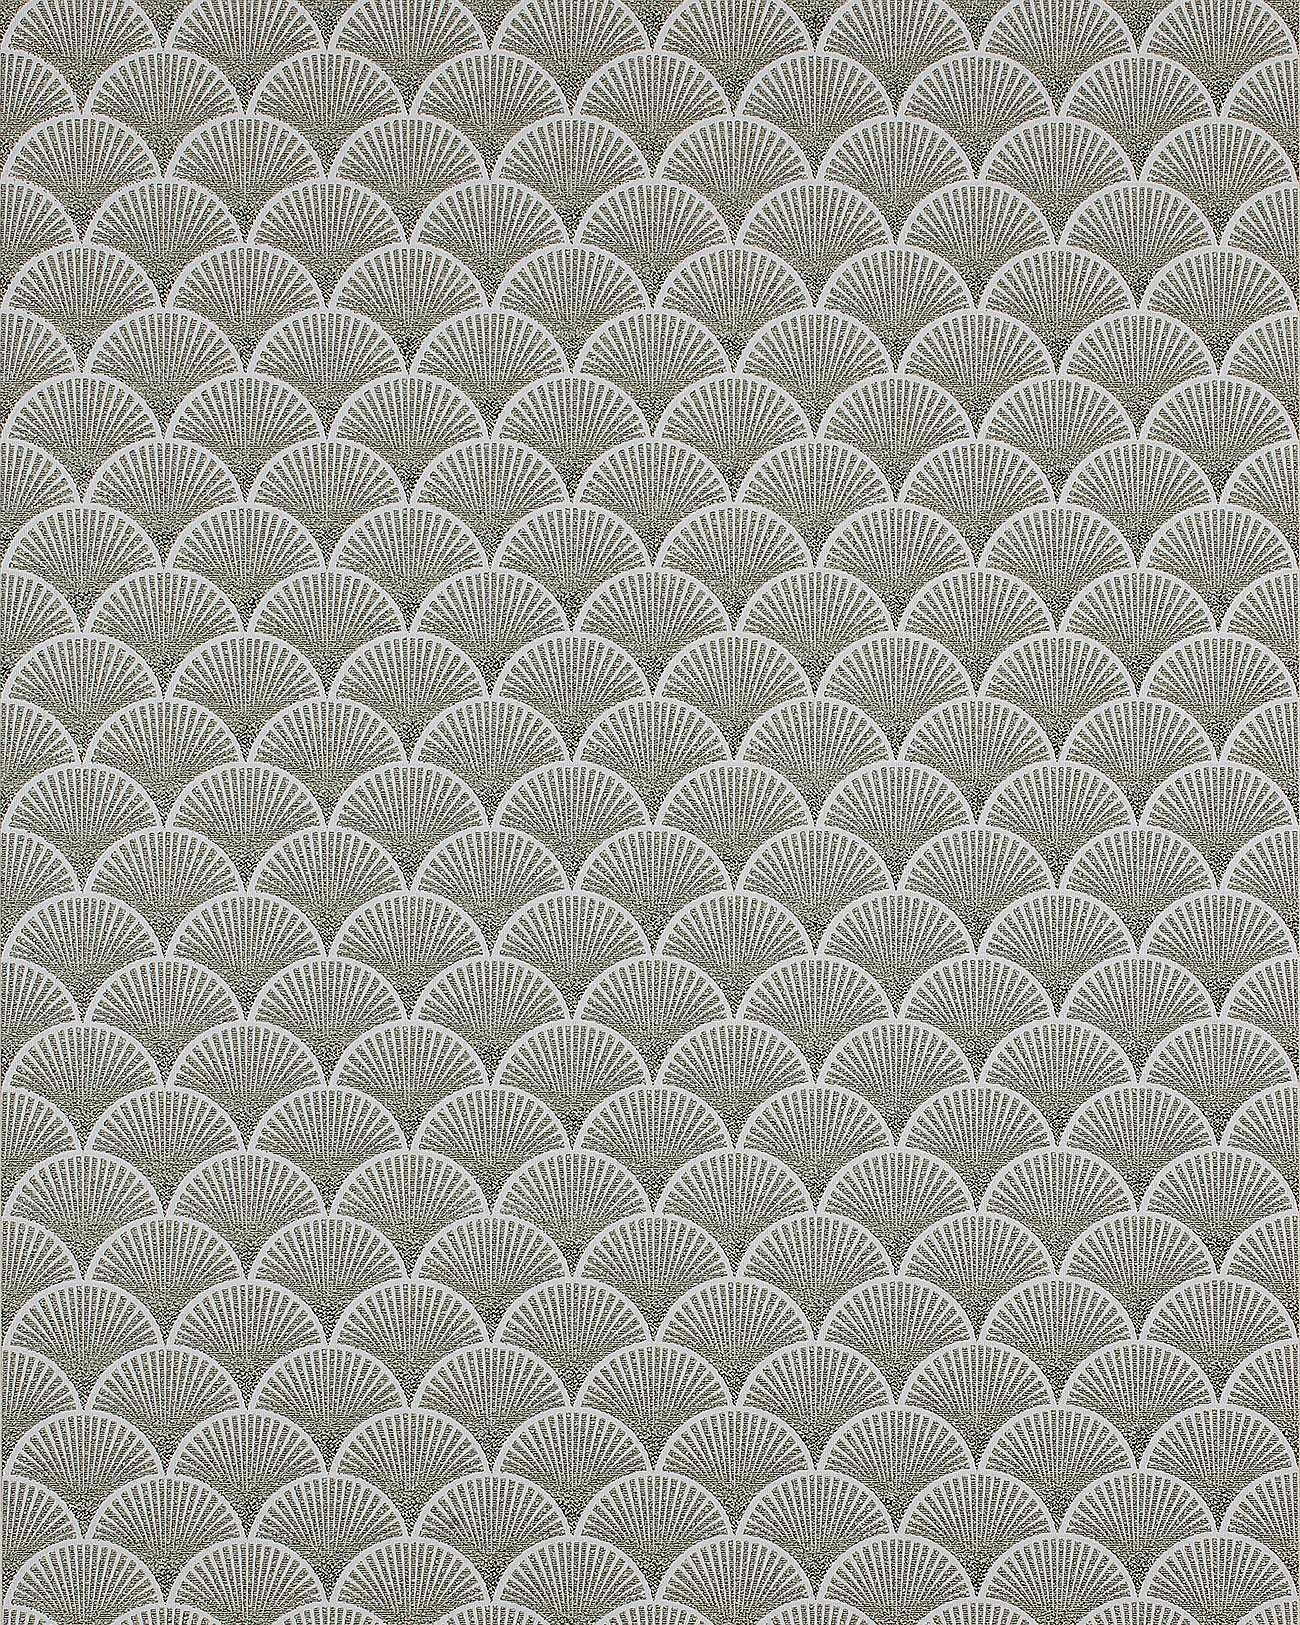 edem 1031 15 retro tapete grafisch glitzernd creme gr n wei 5 33 m2 ebay. Black Bedroom Furniture Sets. Home Design Ideas